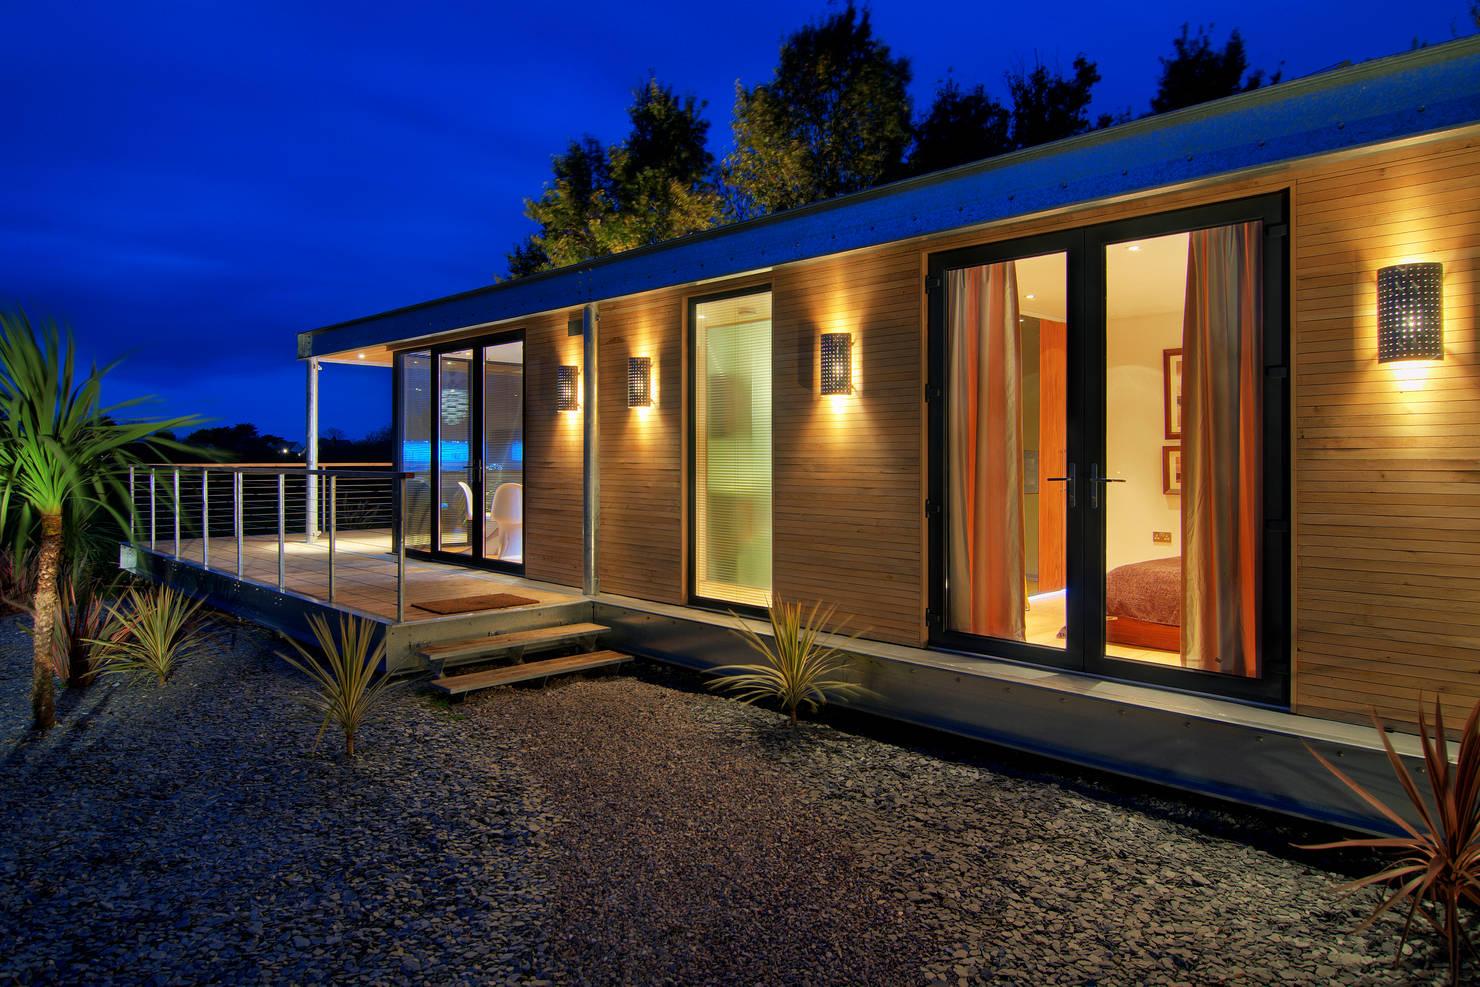 저렴하게 내집 짓기, 경제적인 건축 자재 12선